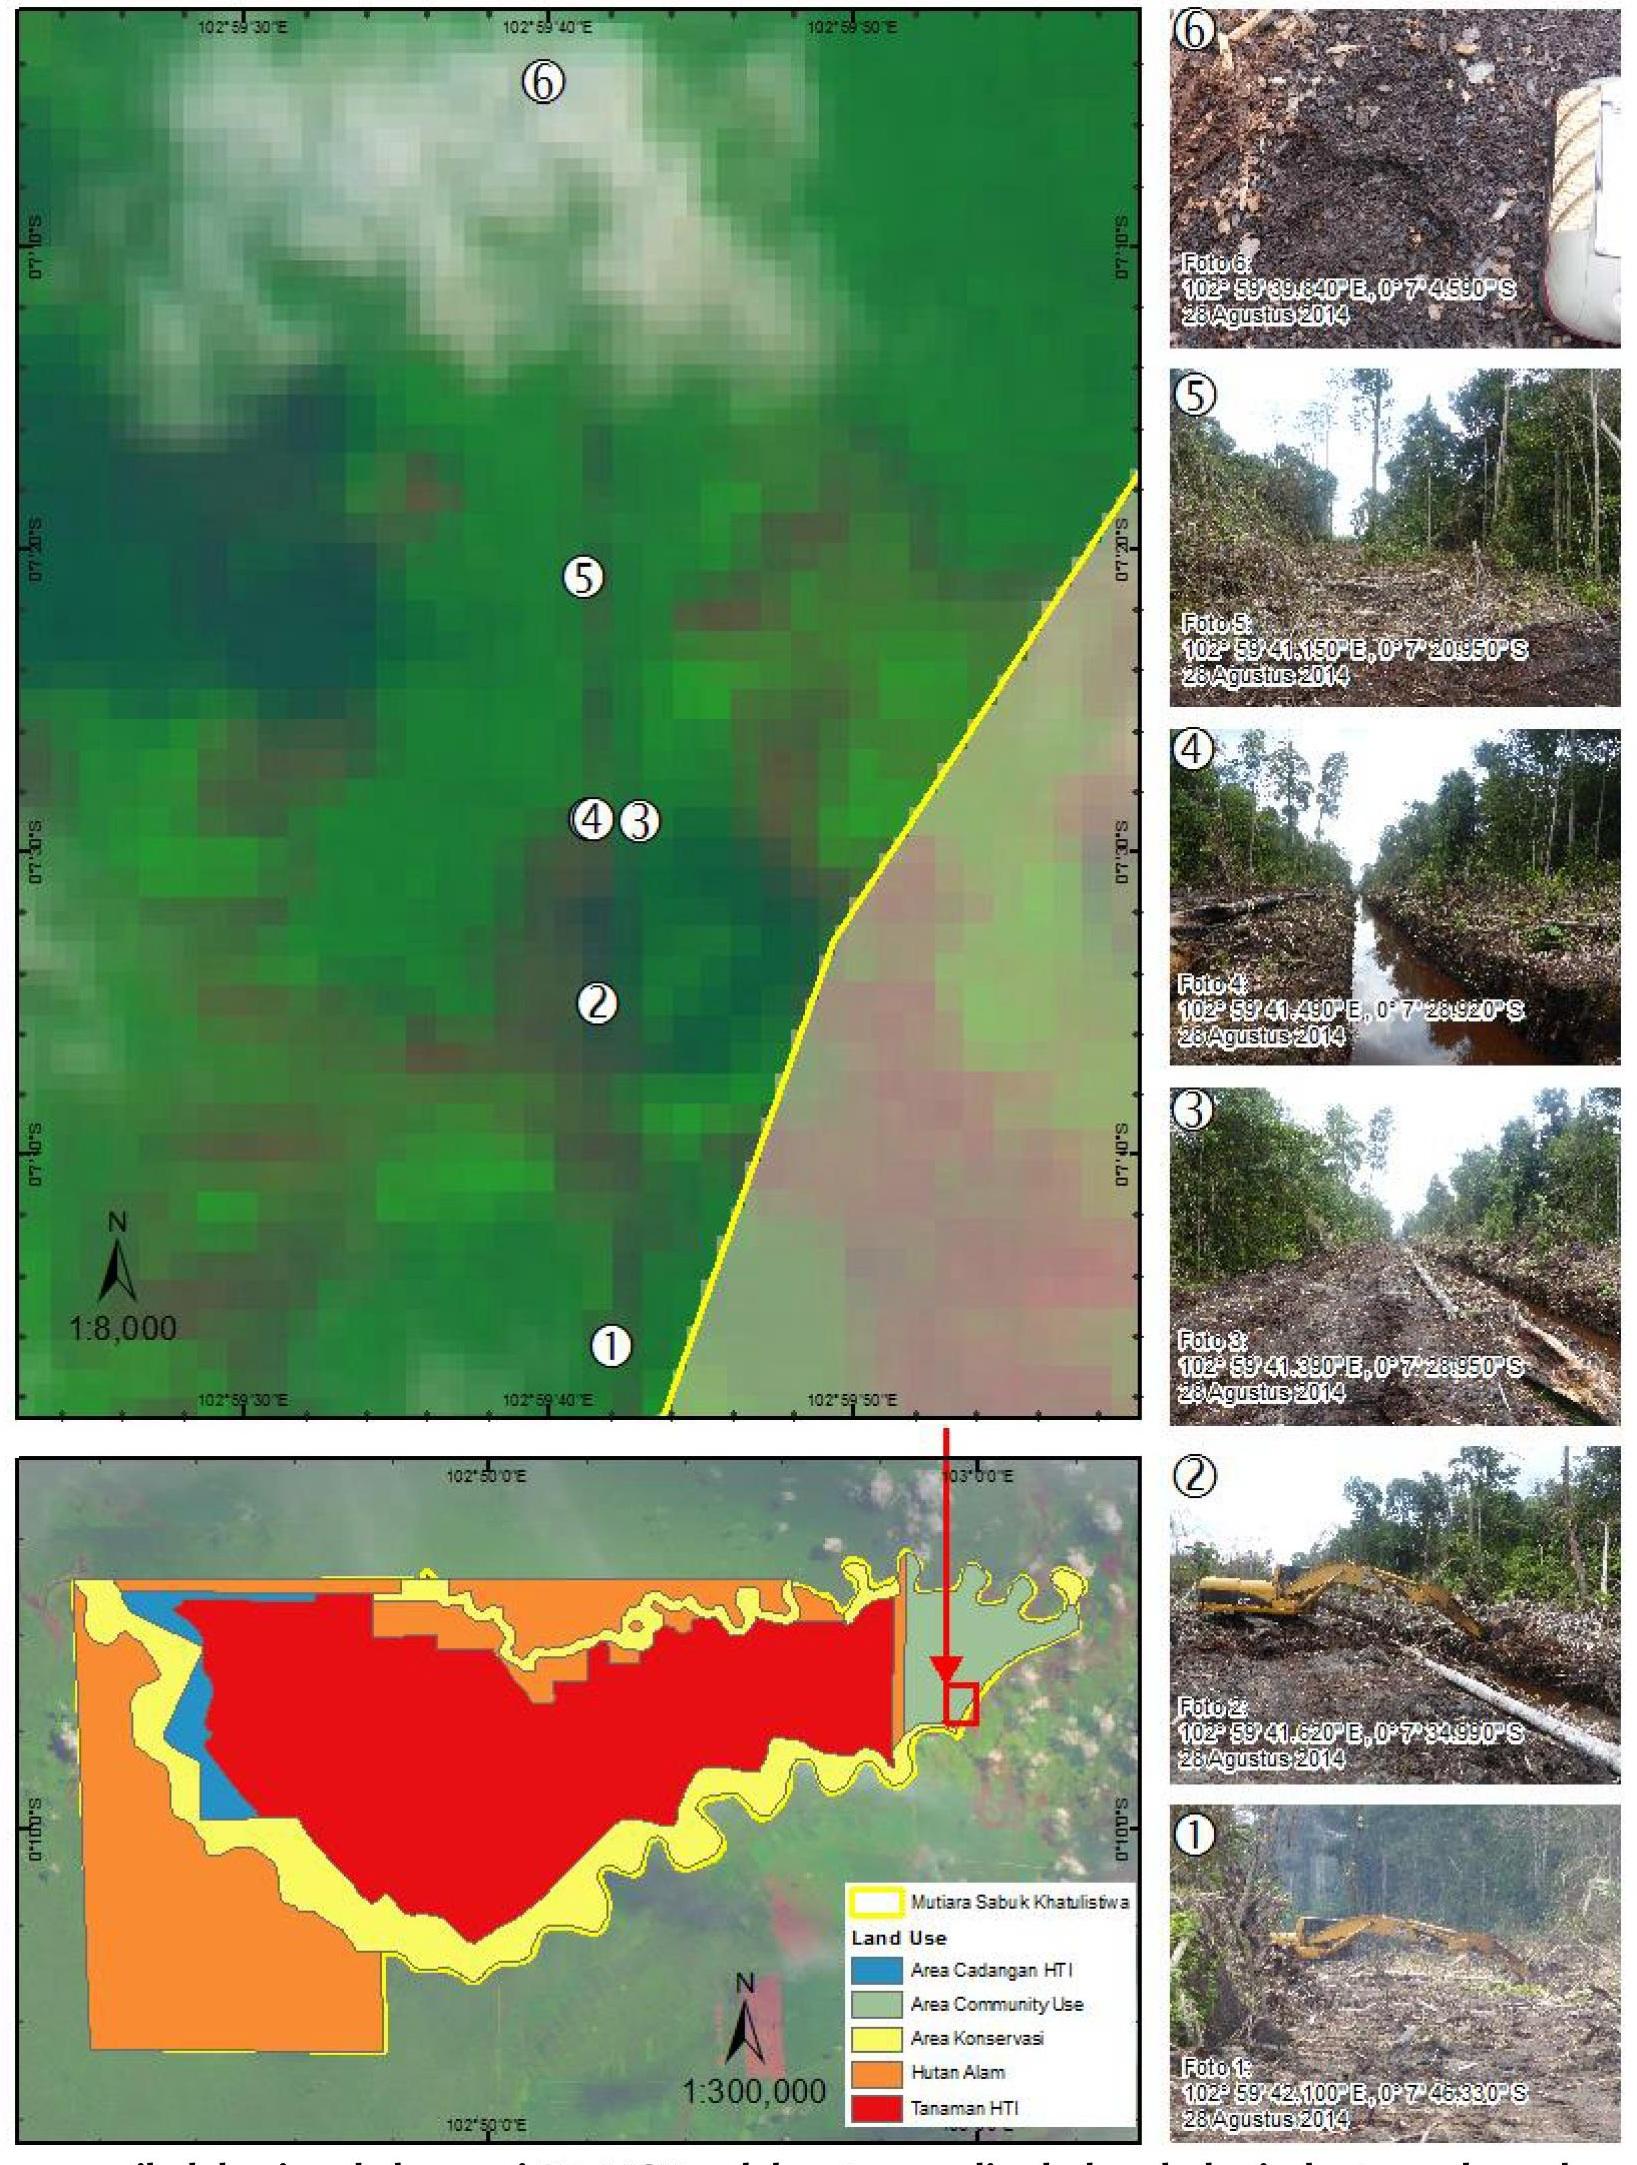 Temuan Jikalahari pada konsesi PT MSK, salah satu supplier bahan baku industri pulp dan kertas SMG/APP di Riau. Gambar 1 dan 2 : alat berat sedang melakukan pembuatan jalan dan penggalian kanal. Gambar 3,4 dan 5 : jalan dan kanal di konsesi PT MSK diperkirakan telah dibuat sekitar lima km dan Gambar 6 : ditemukan jejak harimau sumatera yang menunjukkan bahwa areal konsesi PT MSK merupakan habitat harimau sumatera. Sumber : Jikalahari